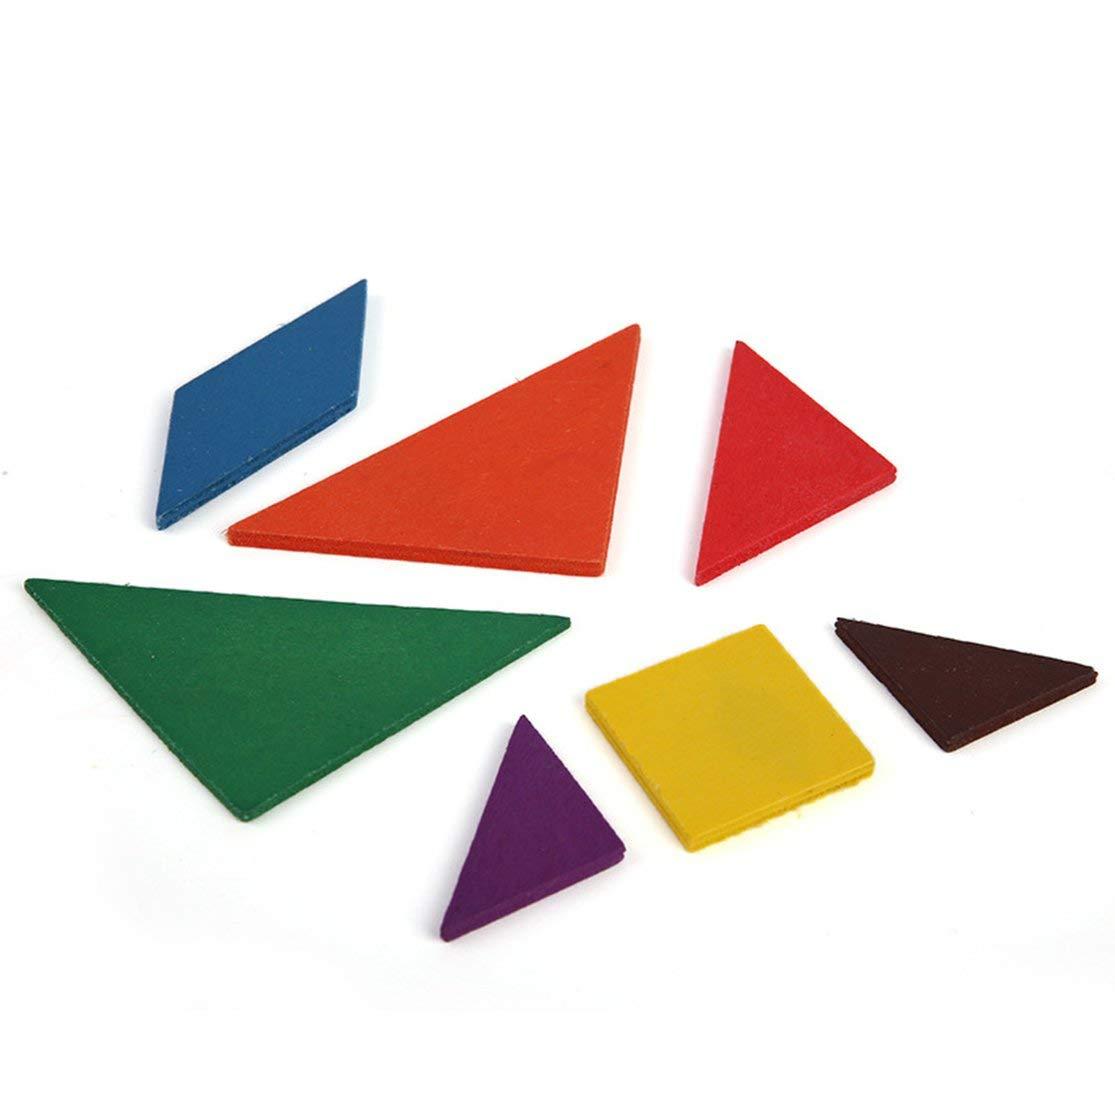 LouiseEvel215 Fun en Bois G/éom/étrie Losange Tangram Puzzle Forme Cognitif D/éveloppement Intellectuel Jouets pour Enfants Enfants Lumi/ères Jouet